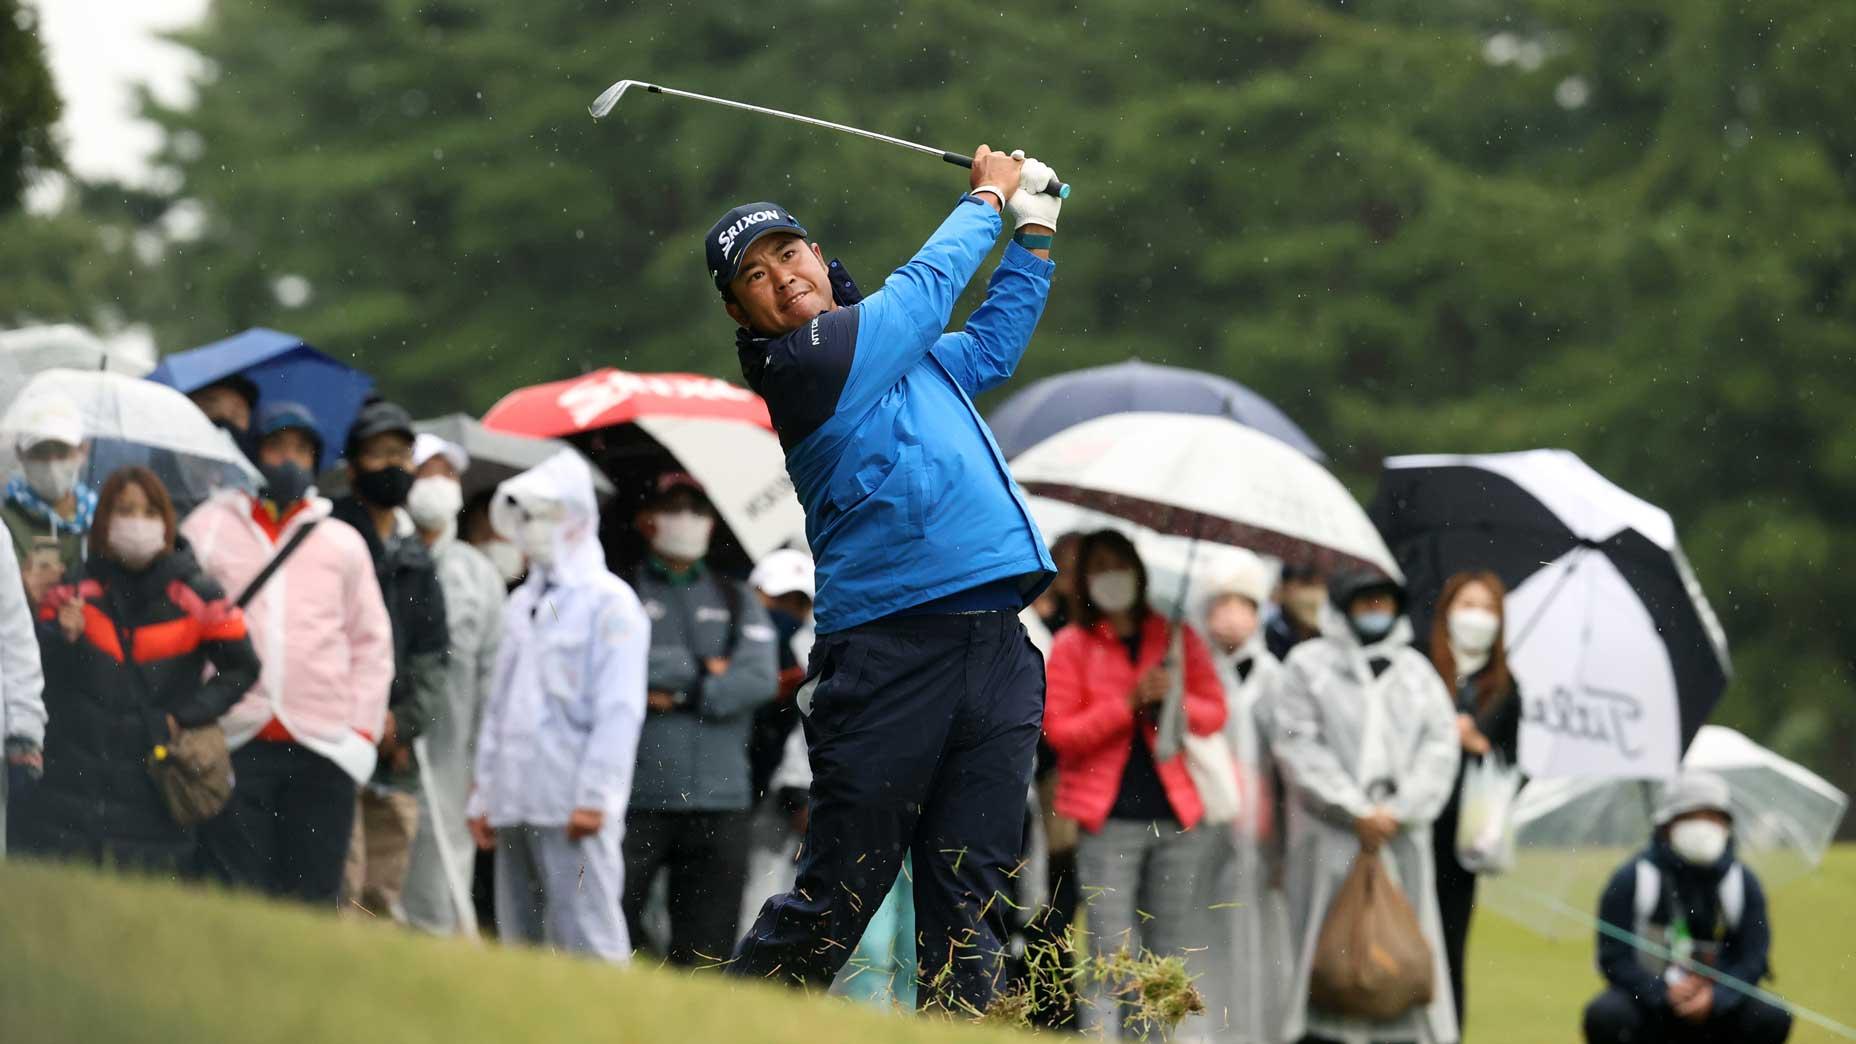 Hideki Matsuyama plays an iron shot during Round 3 of the 2021 Zozo Championship